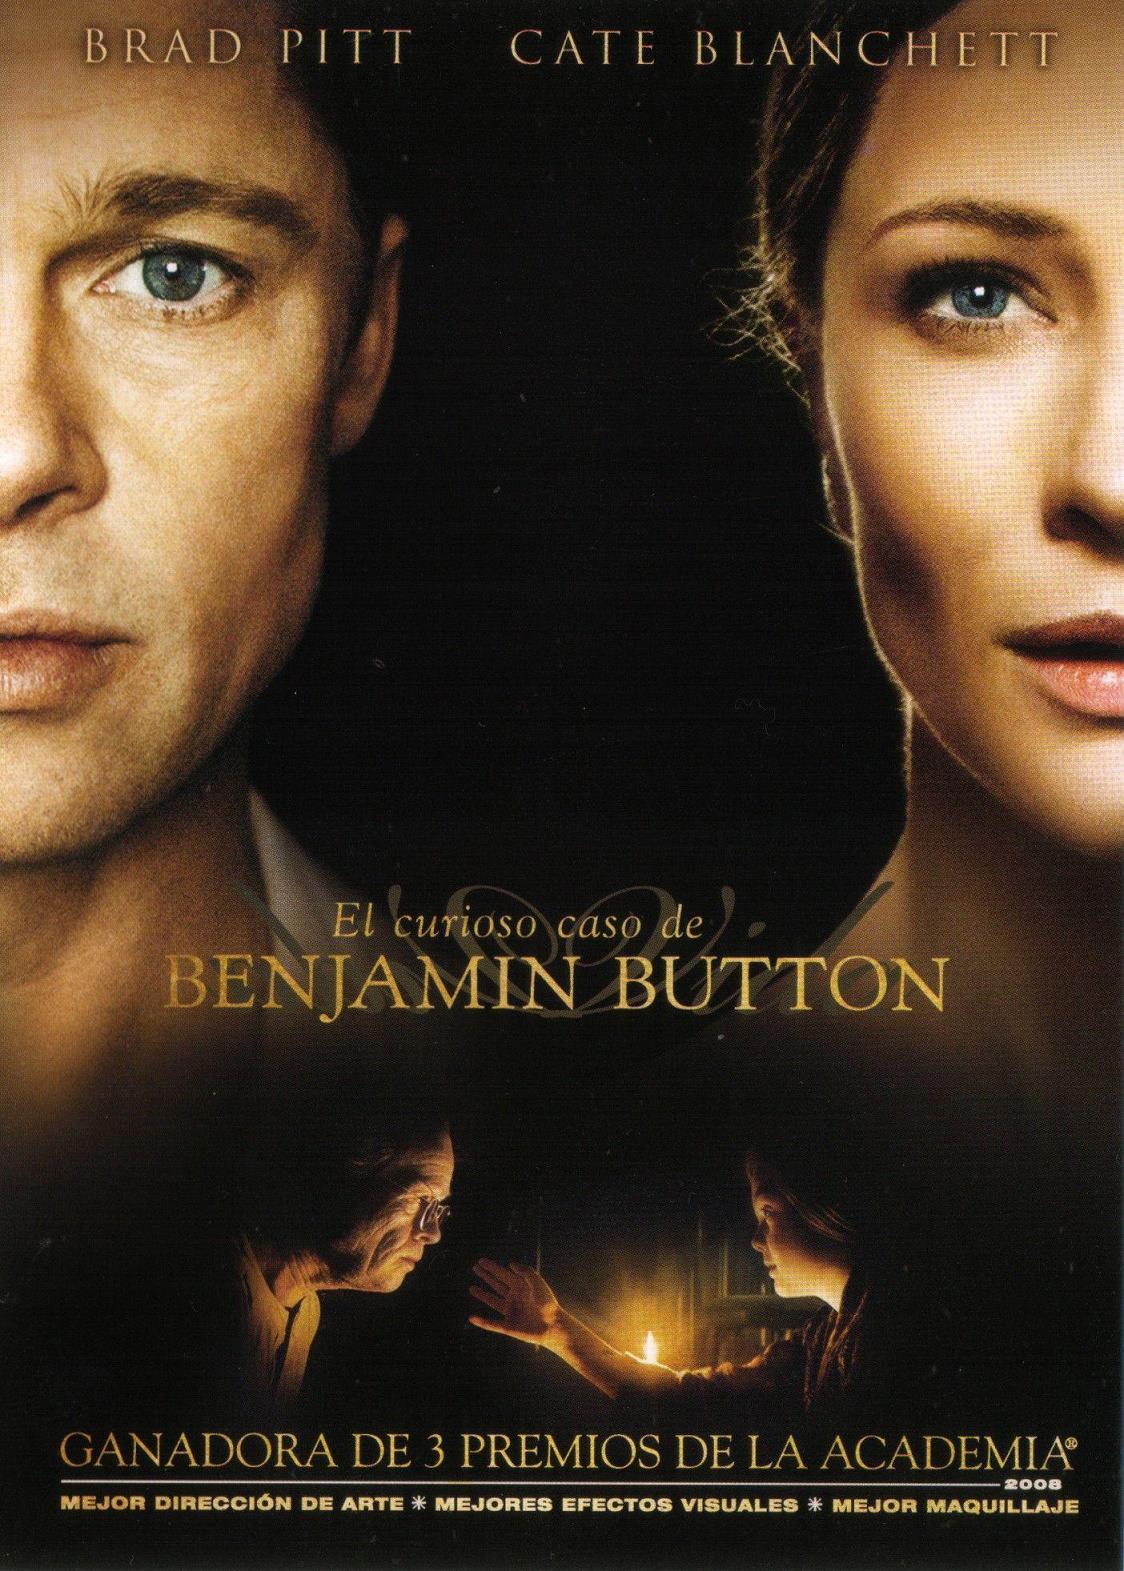 http://4.bp.blogspot.com/-MrQPY69qmms/TrPMZ83vMdI/AAAAAAAAA84/_kanTx-Xx7o/s1600/El-Curioso-Caso-De-Benjamin-Button-poster.jpg